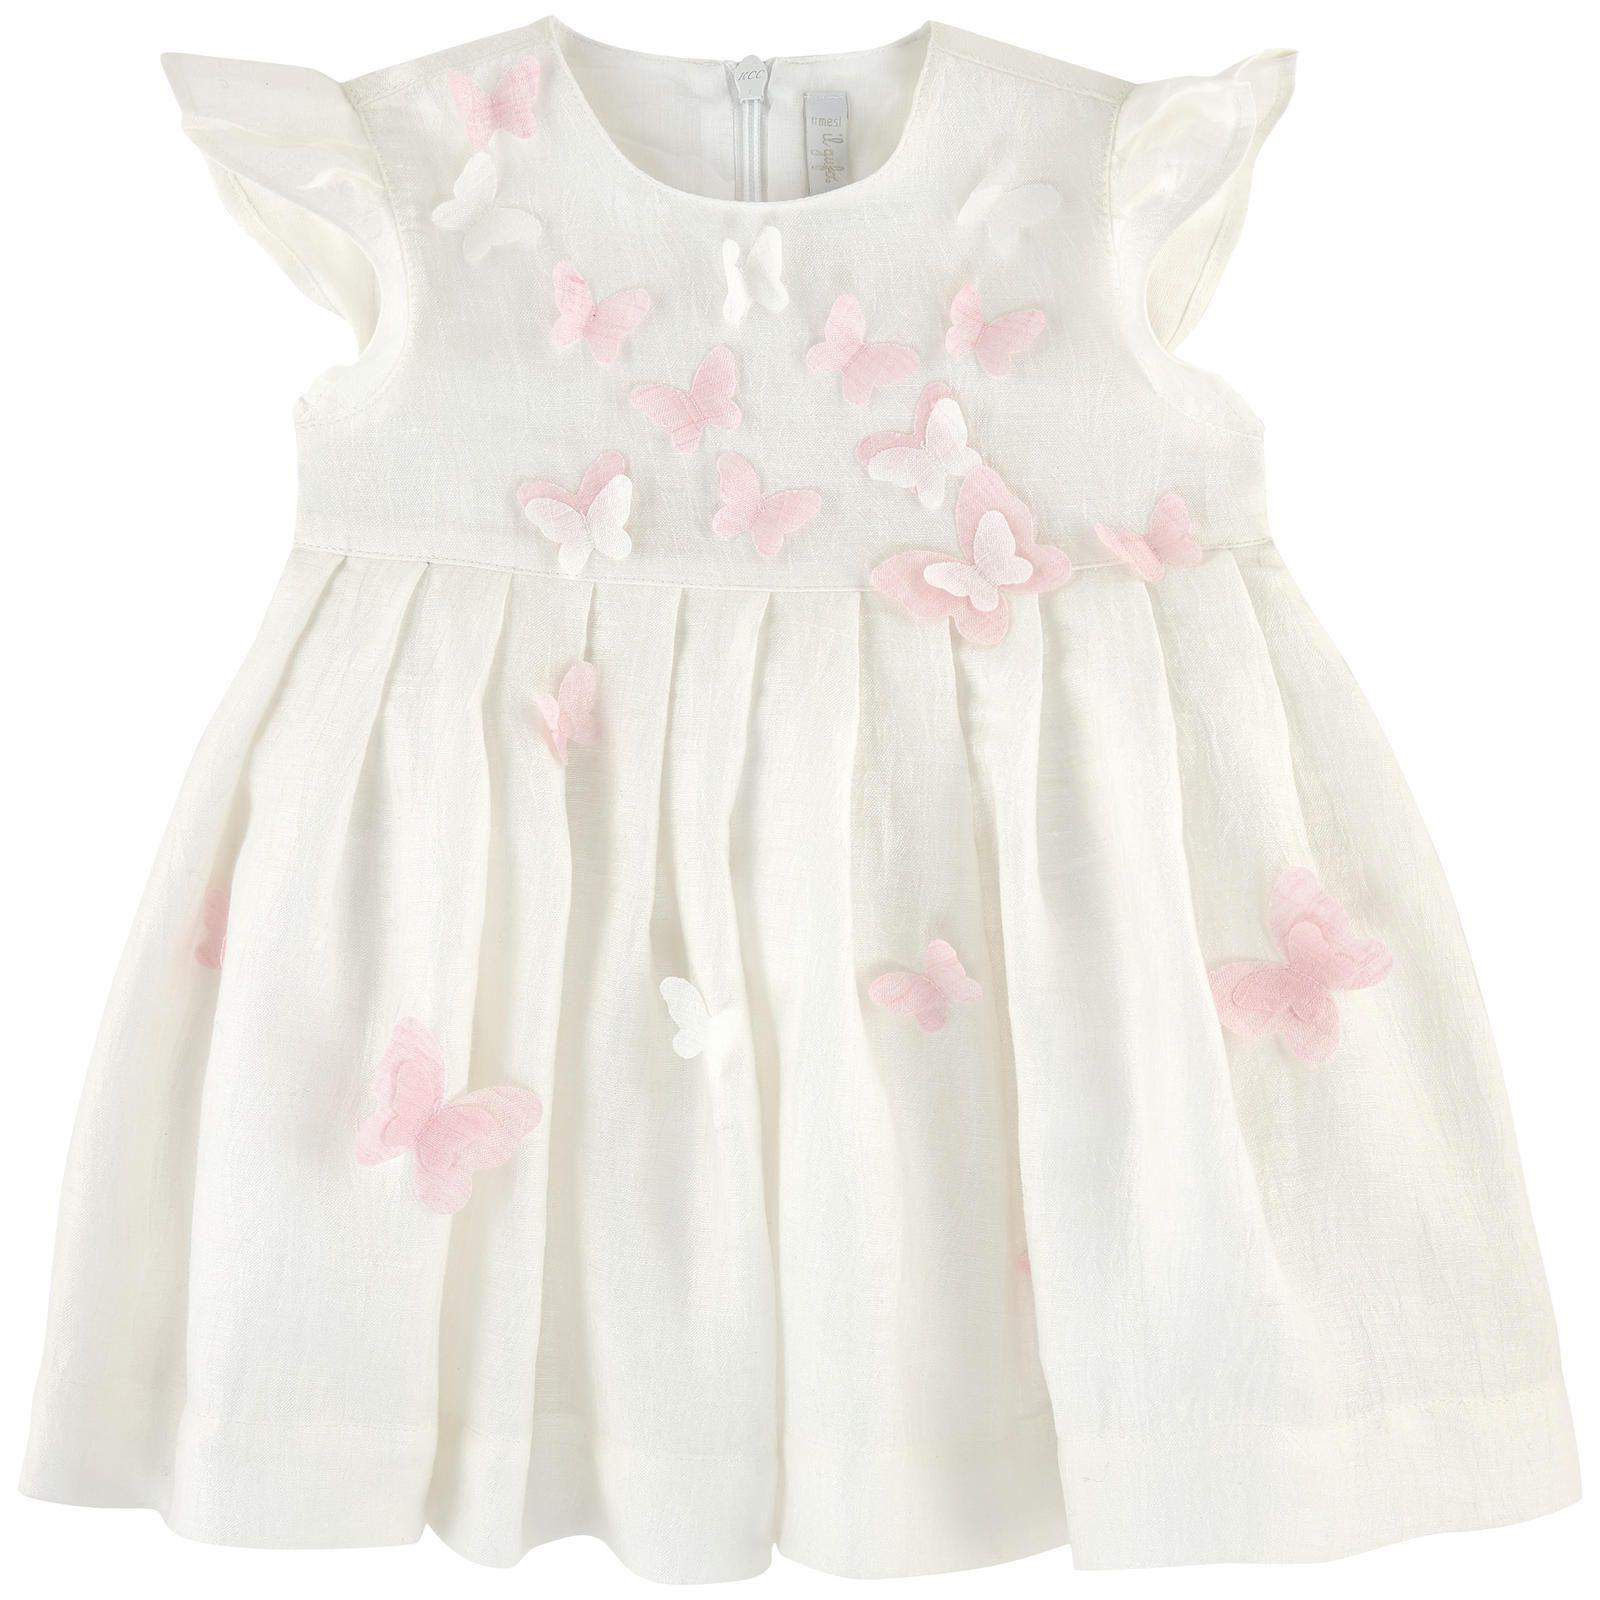 094cb1e99028 Robe décorée de papillons - 168149